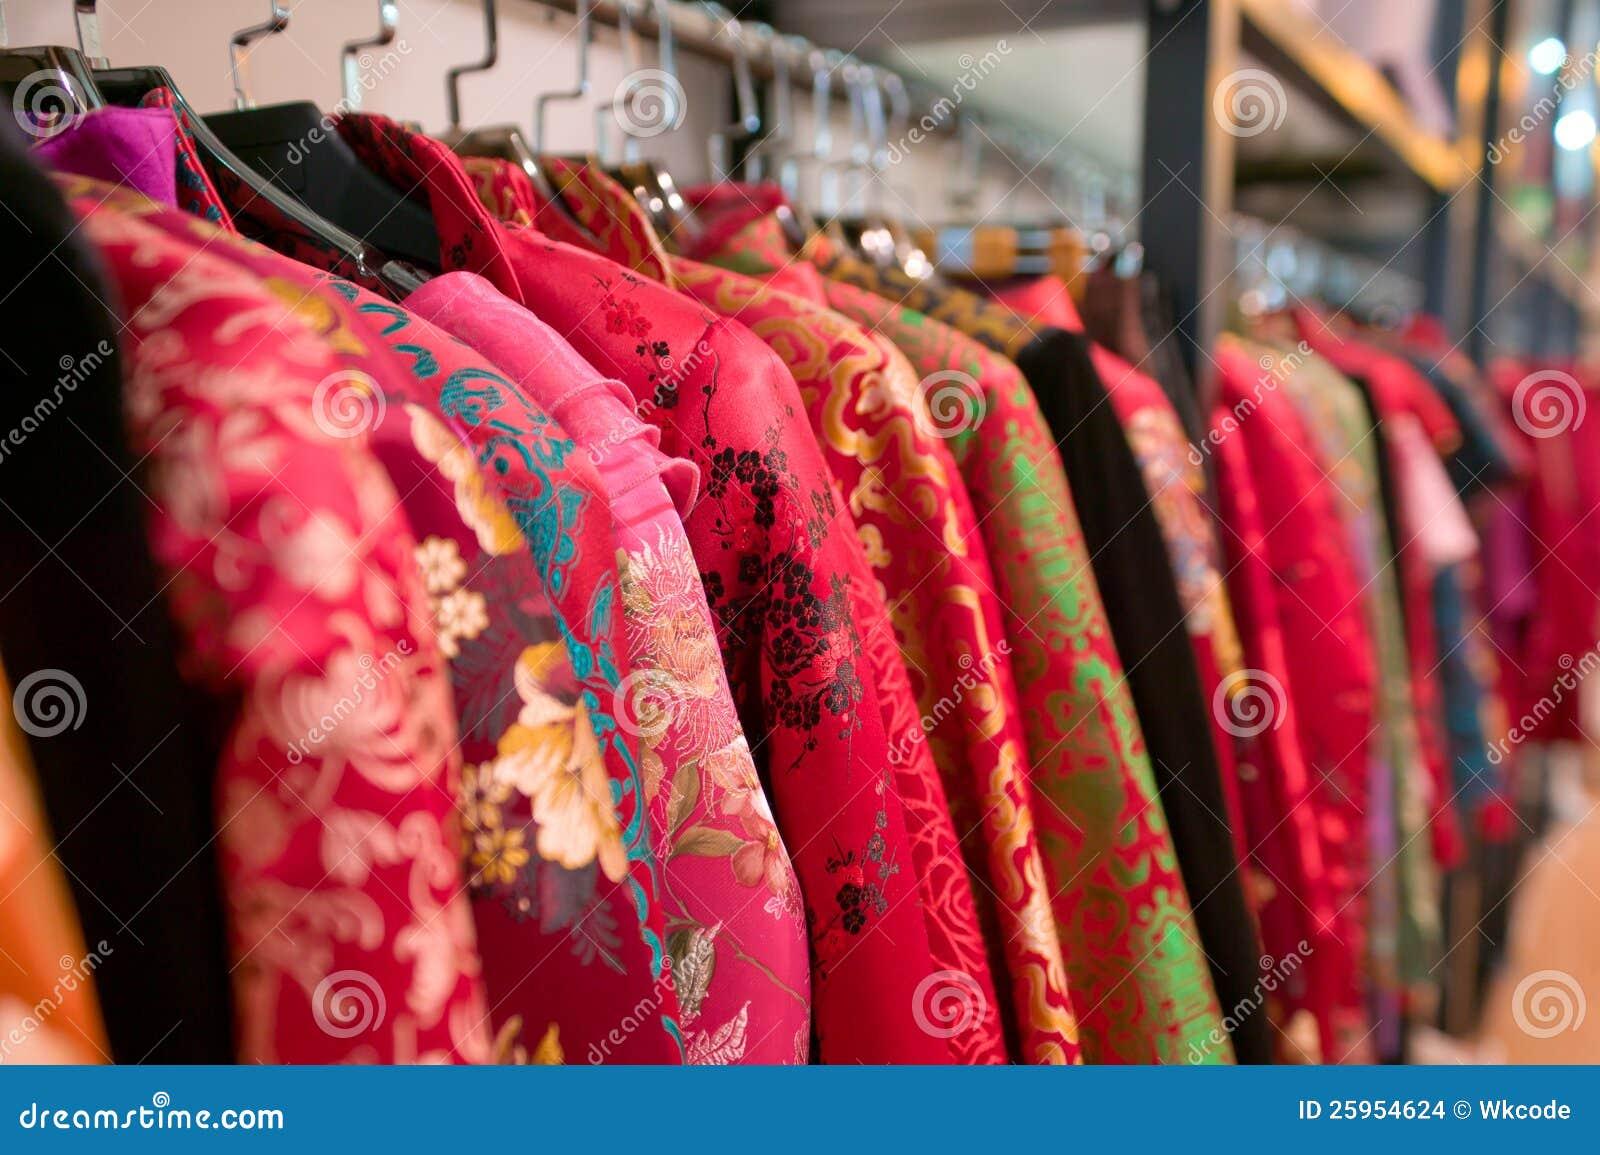 cd614c95deb Κινεζικό κατάστημα φορεμάτων Στοκ Εικόνες - εικόνα από floral ...